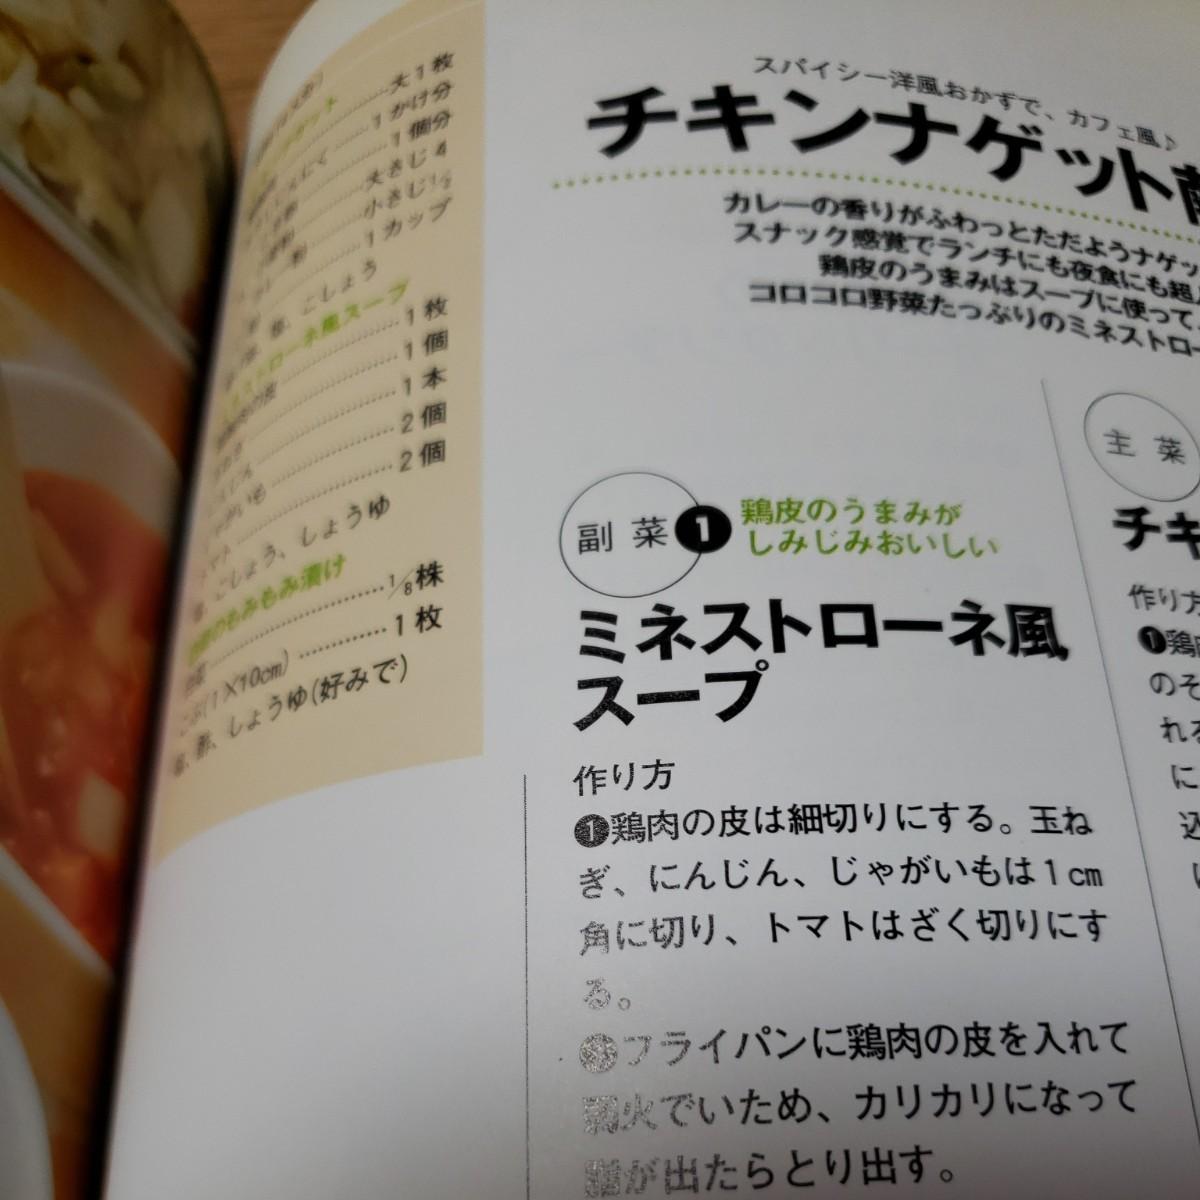 奥薗壽子の超ラクうまおかず 決定版